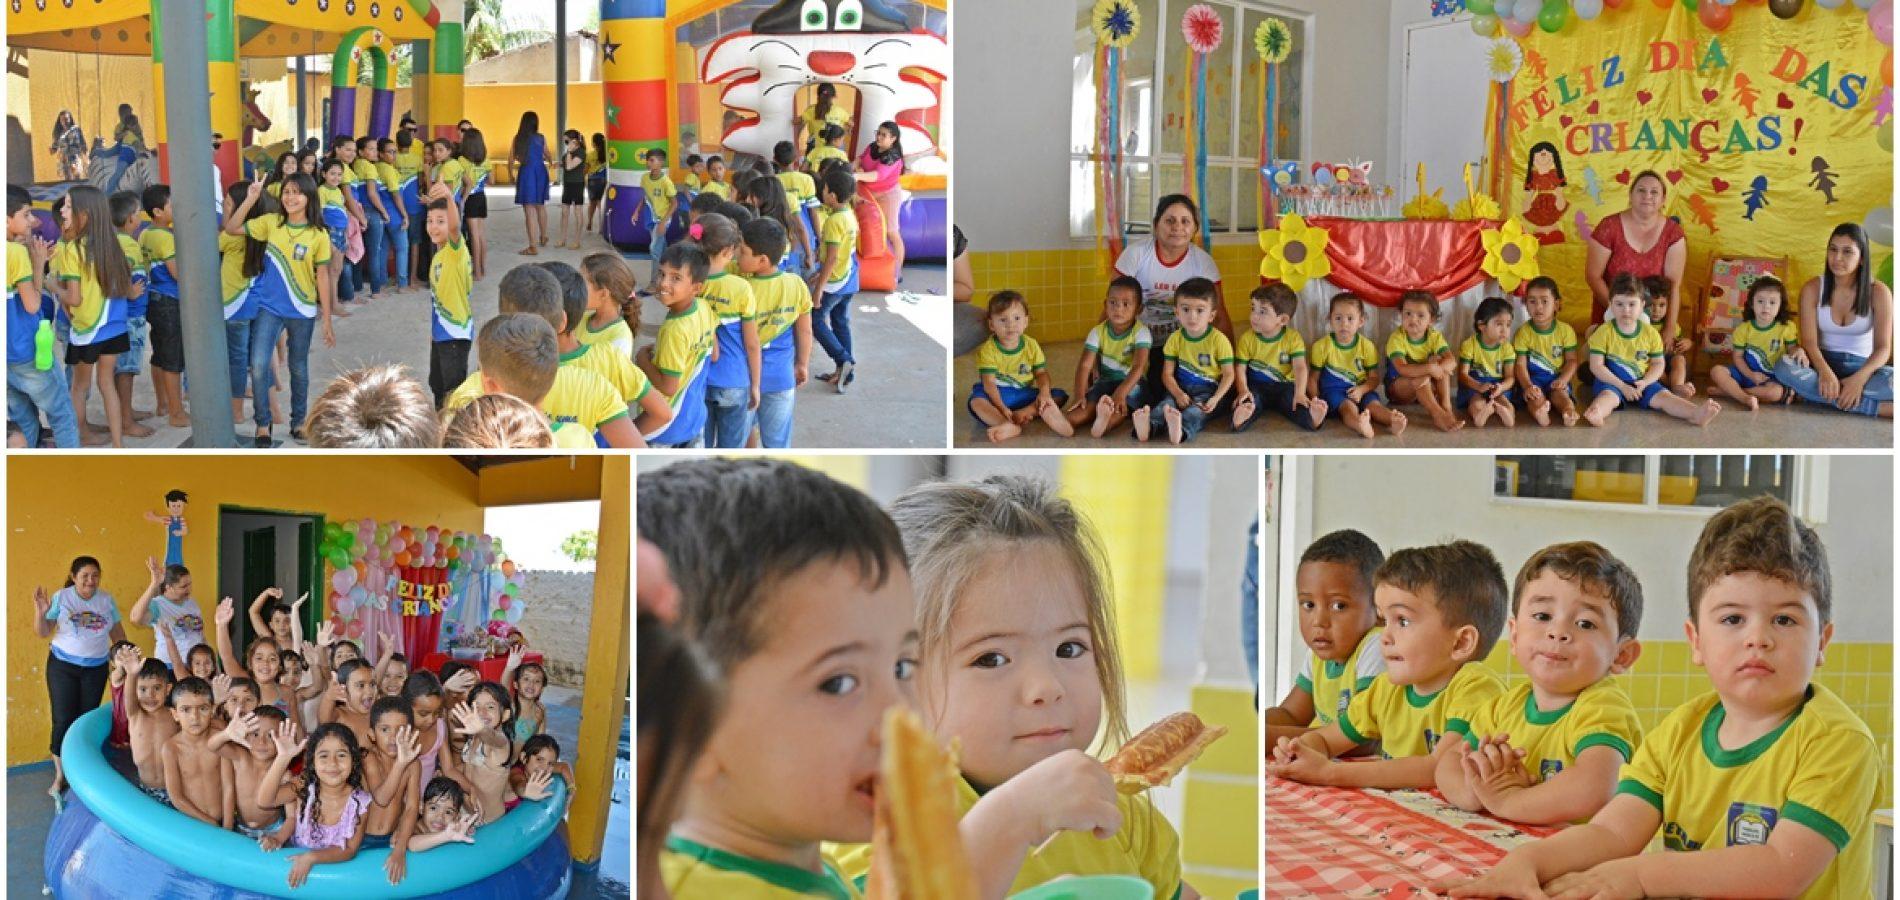 Escolas comemoram o Dia das Crianças em Belém do Piauí; veja fotos